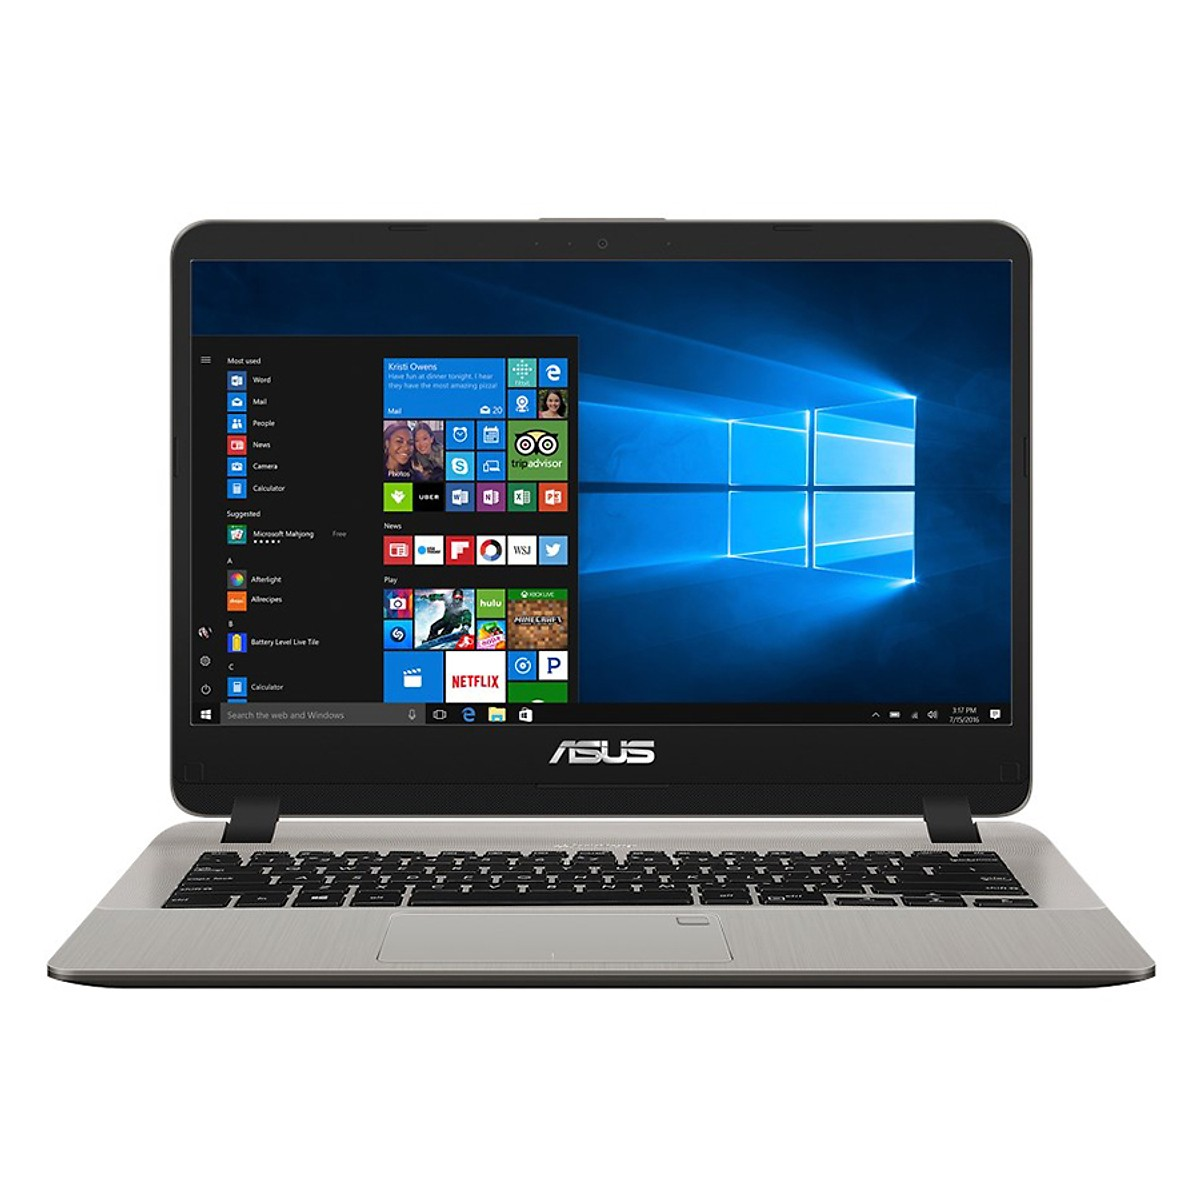 Asus   Máy tính xách tay - Laptop  Laptop Asus Vivobook X407UB-BV147T Core i7-8550U/Win10 (14 inch)